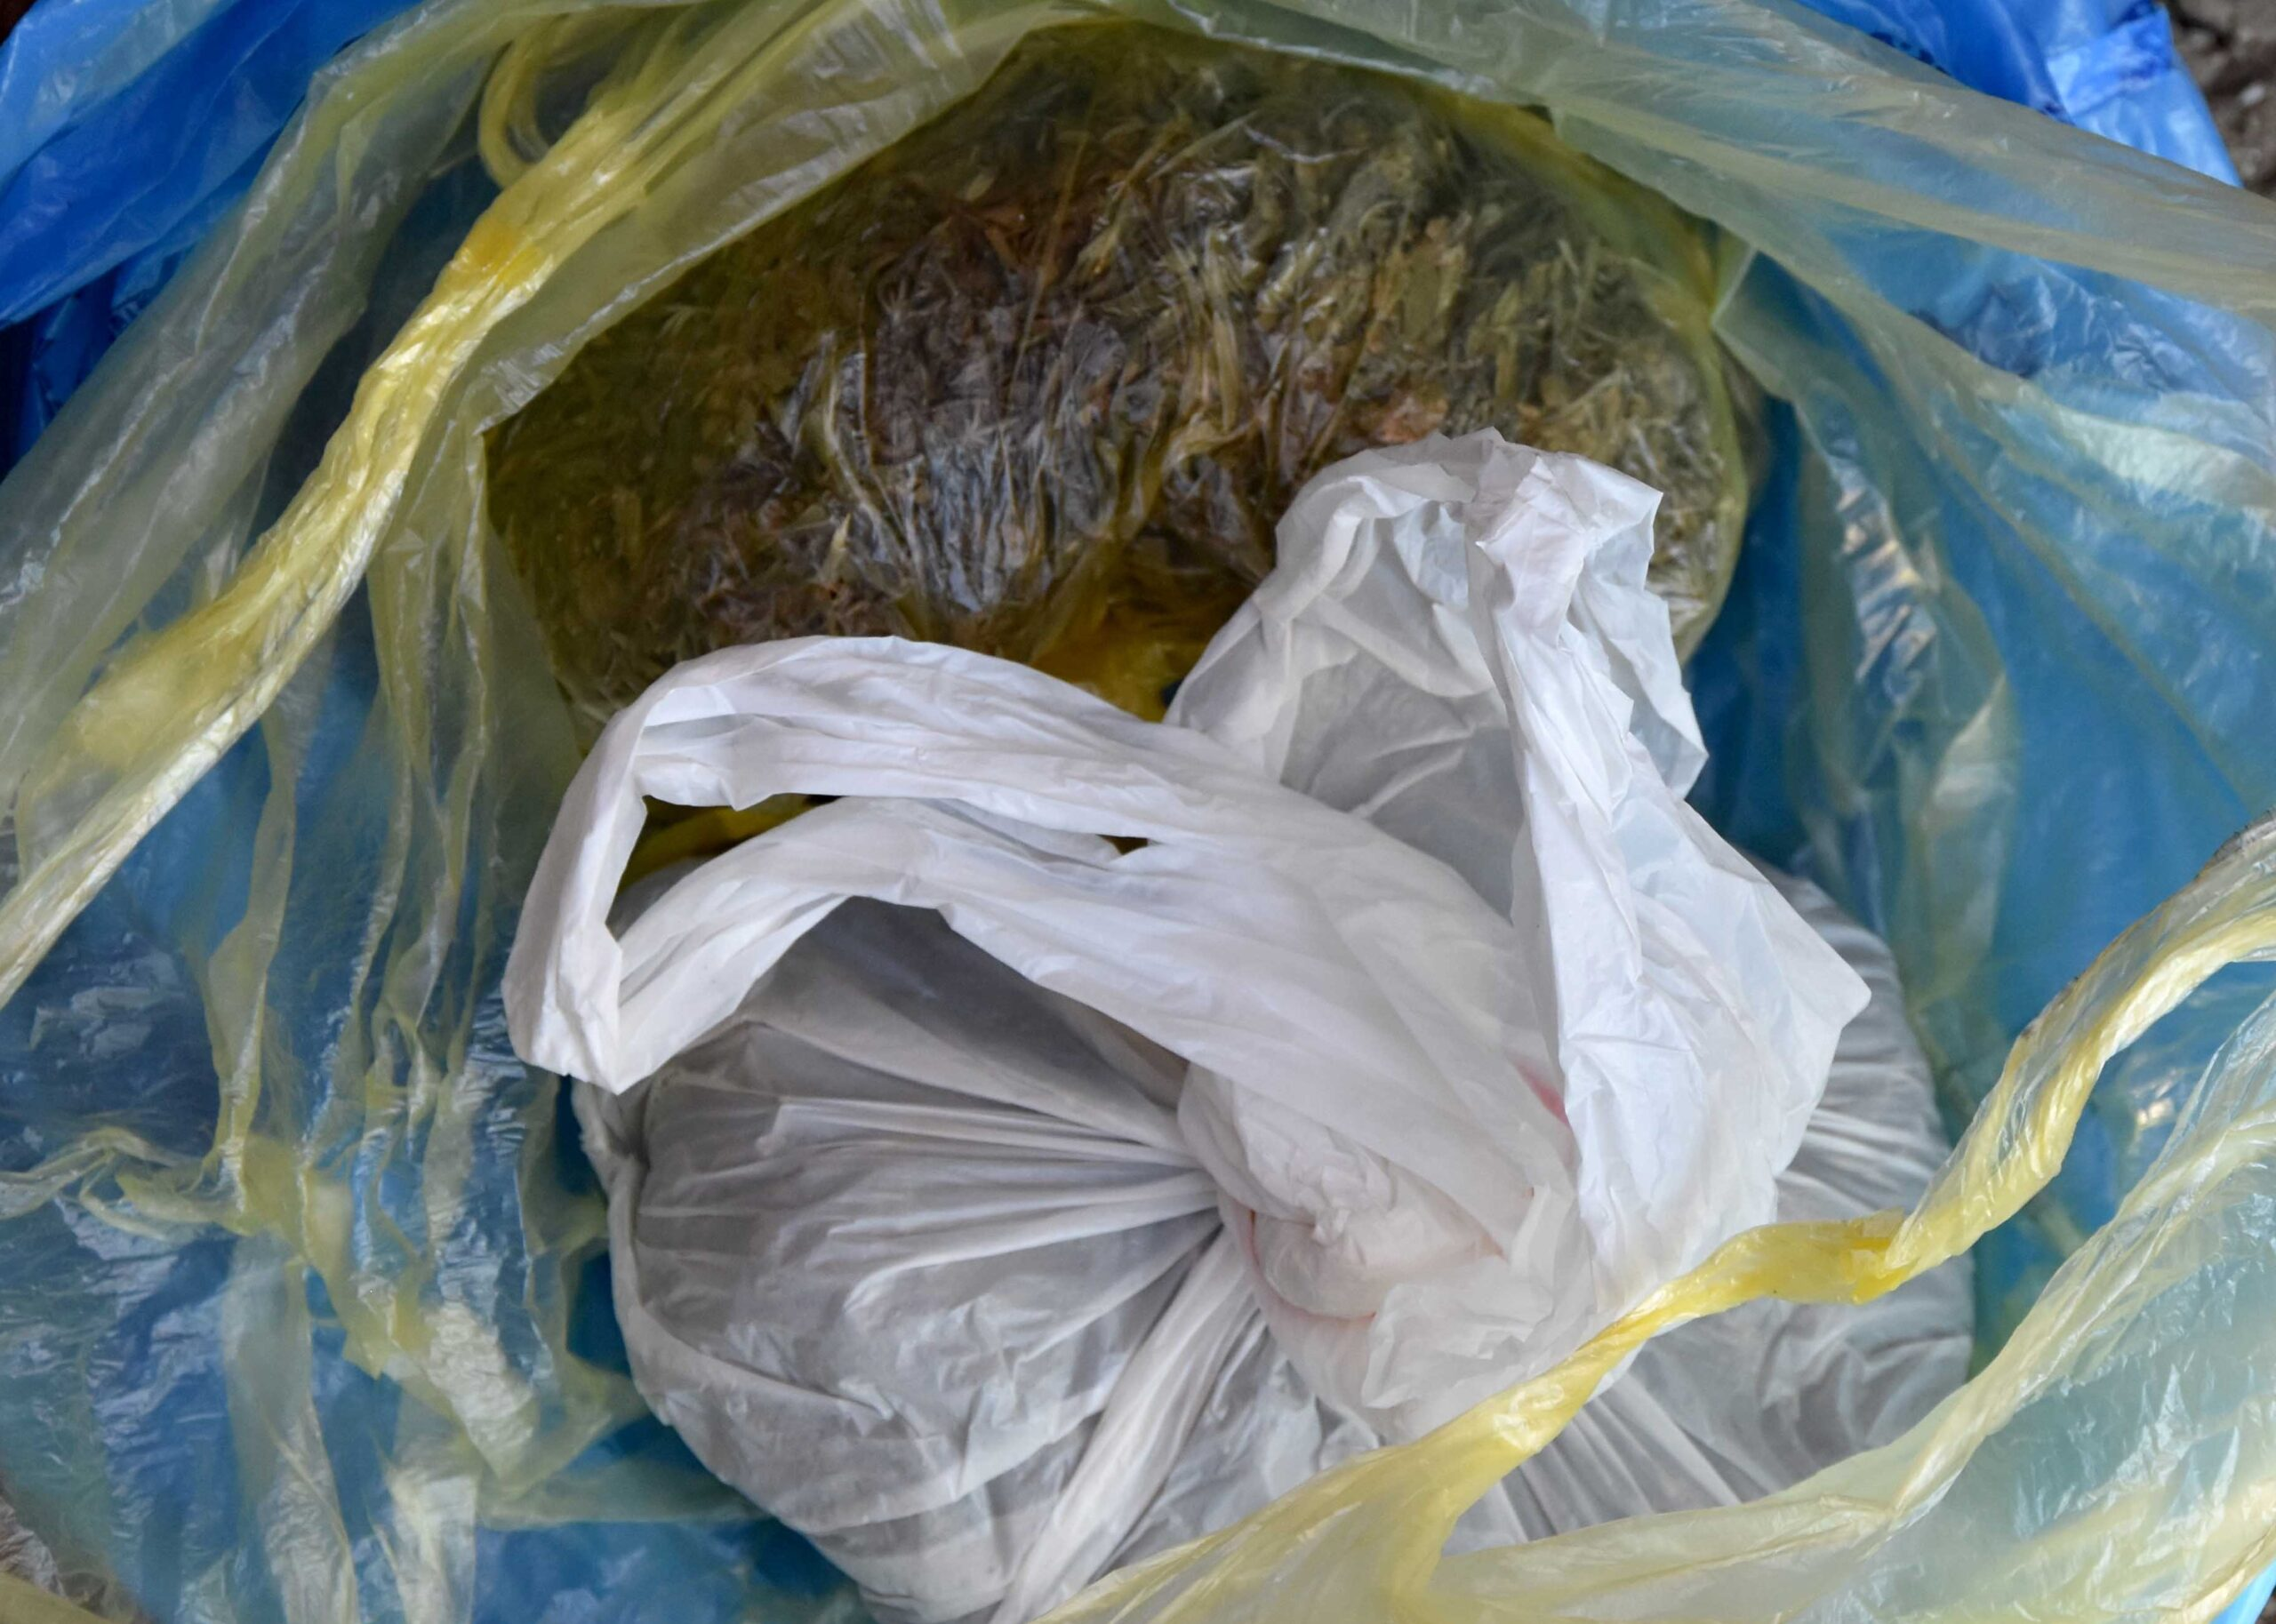 Uhapšen Jagodinac zbog neovlašćene proizvodnje i stavljanje u promet opojnih droga